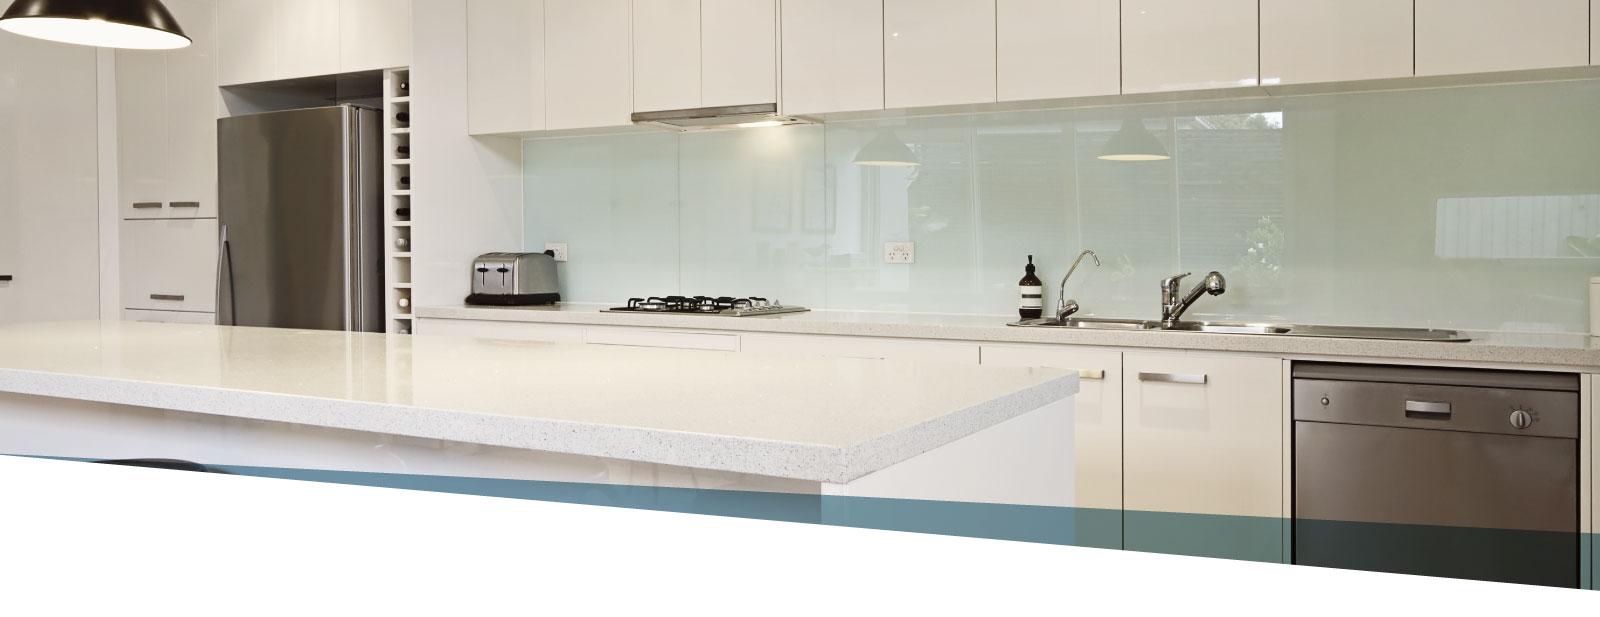 Schienali cucina in vetro